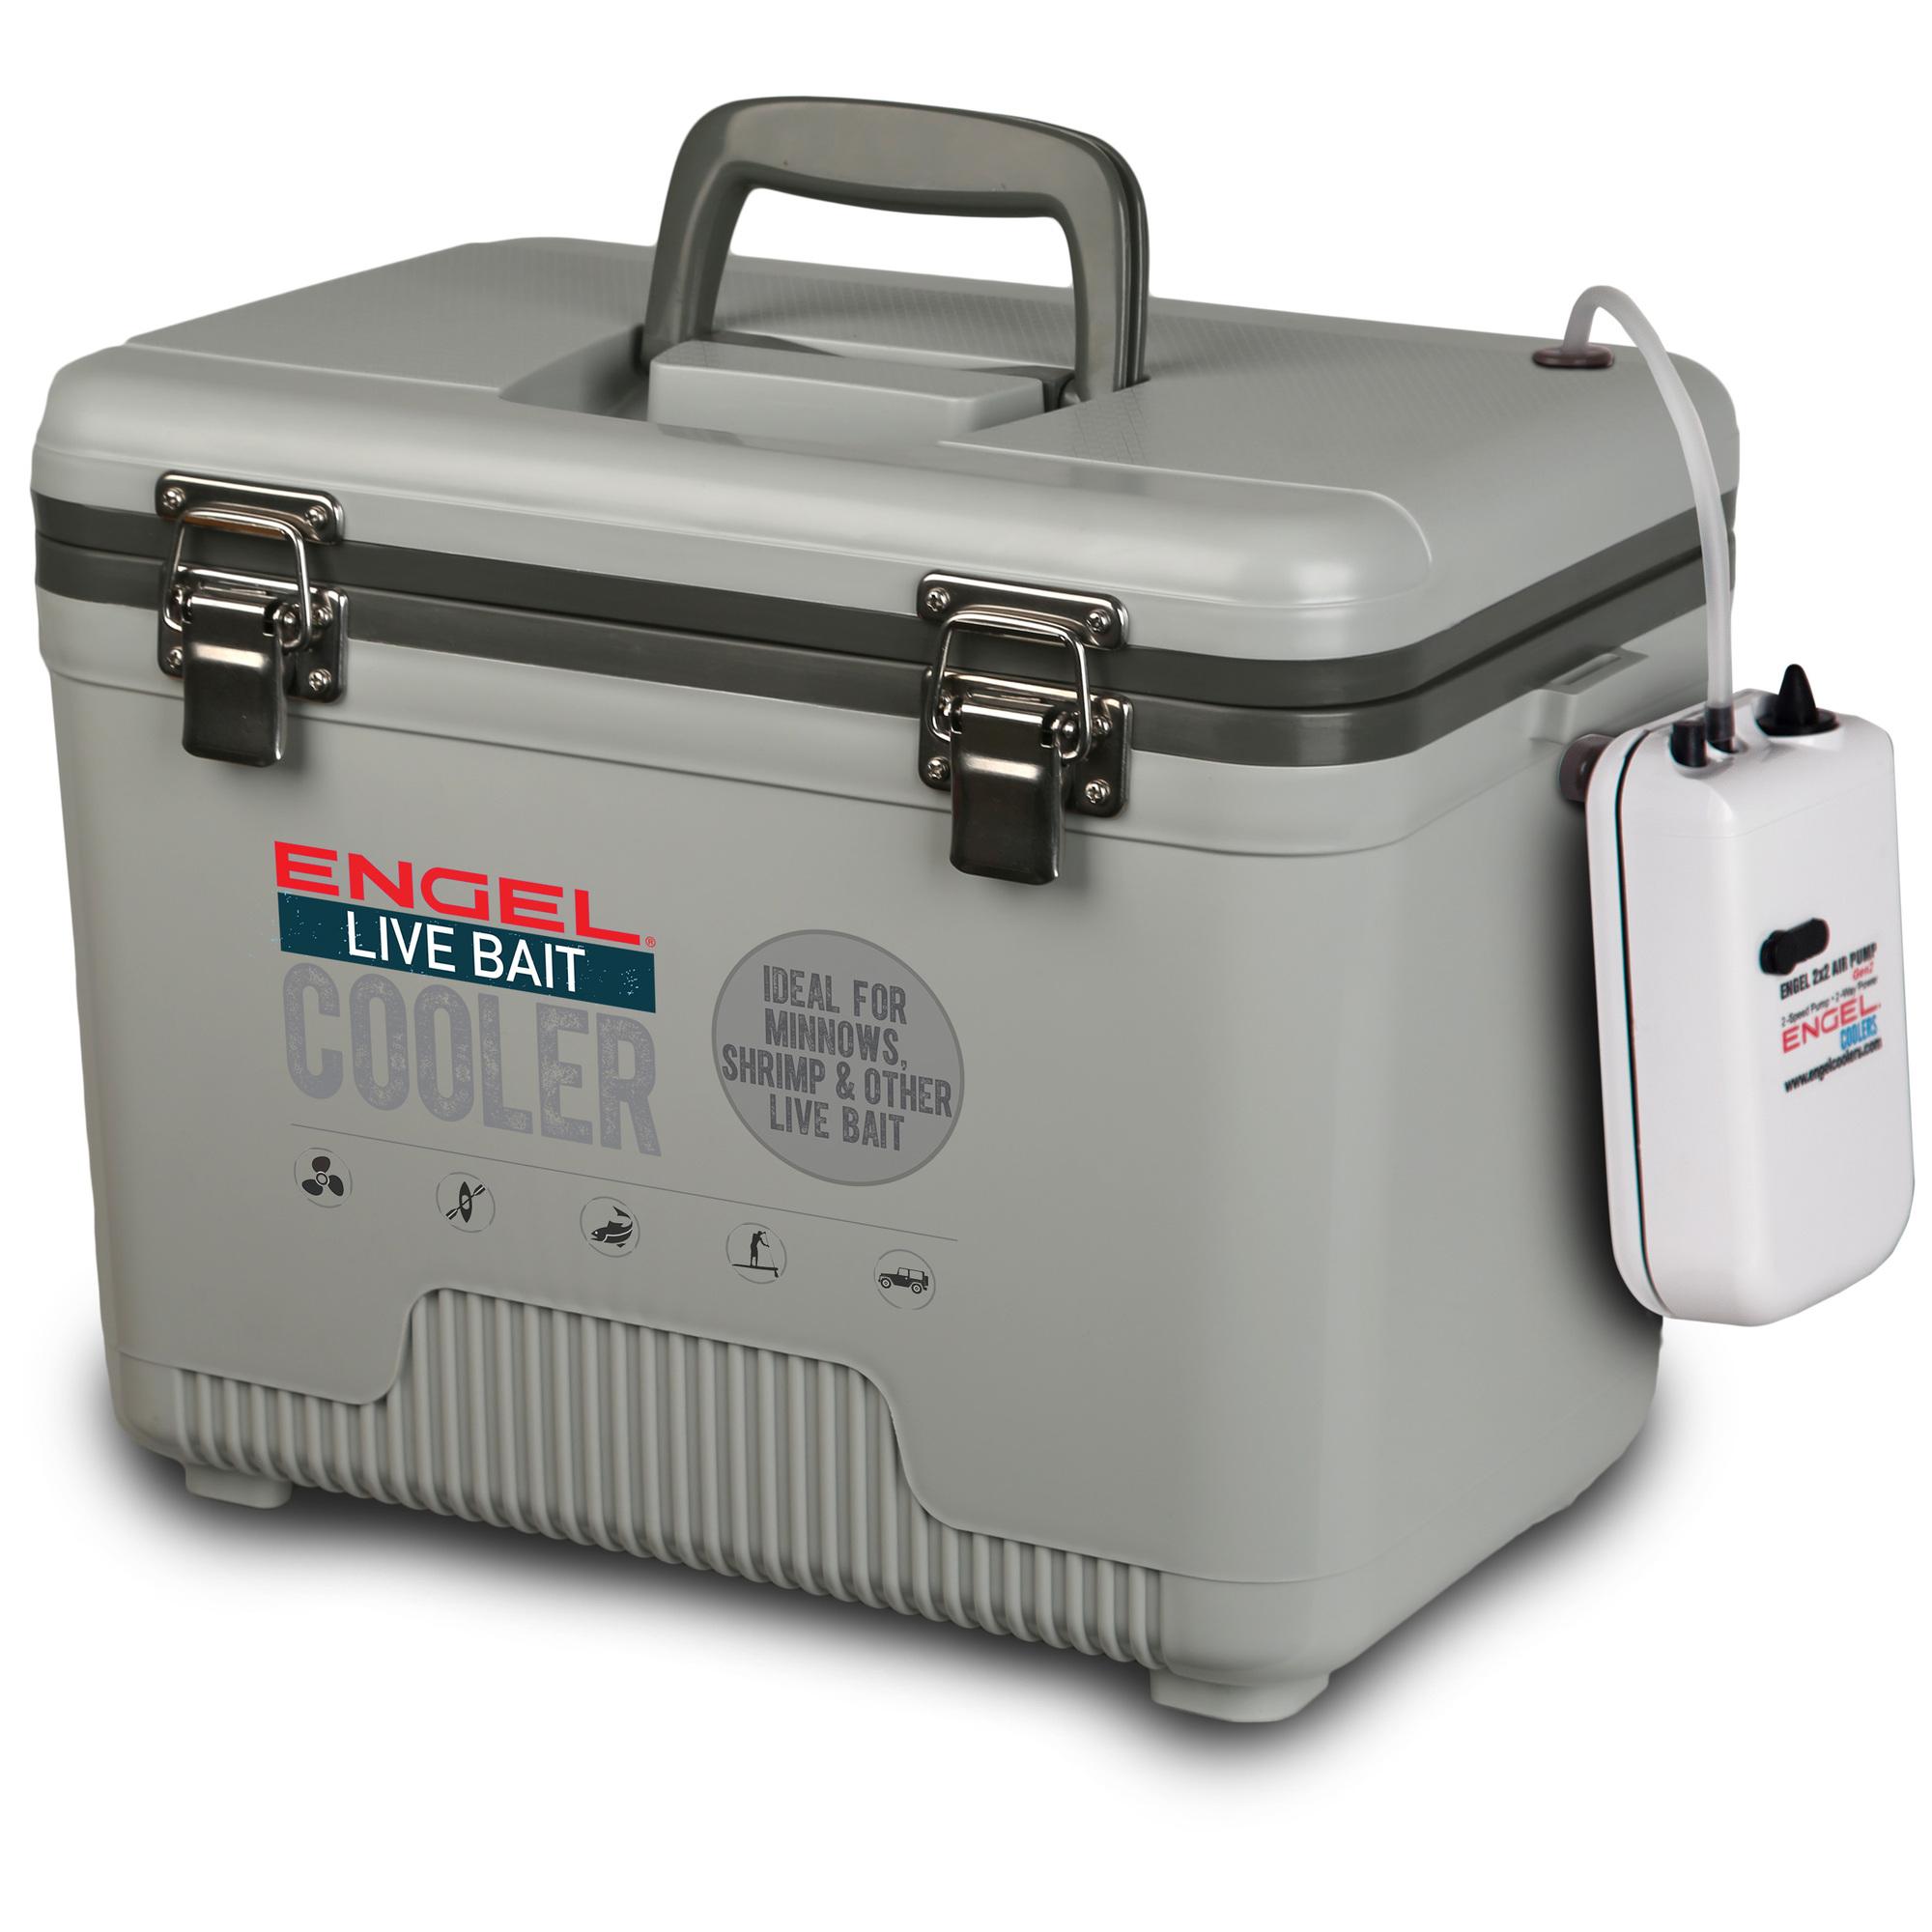 Engel ENGLBC30-N-G Live Bait Cooler 30 Qt - 2x2 Aerator Pump, Air Tube